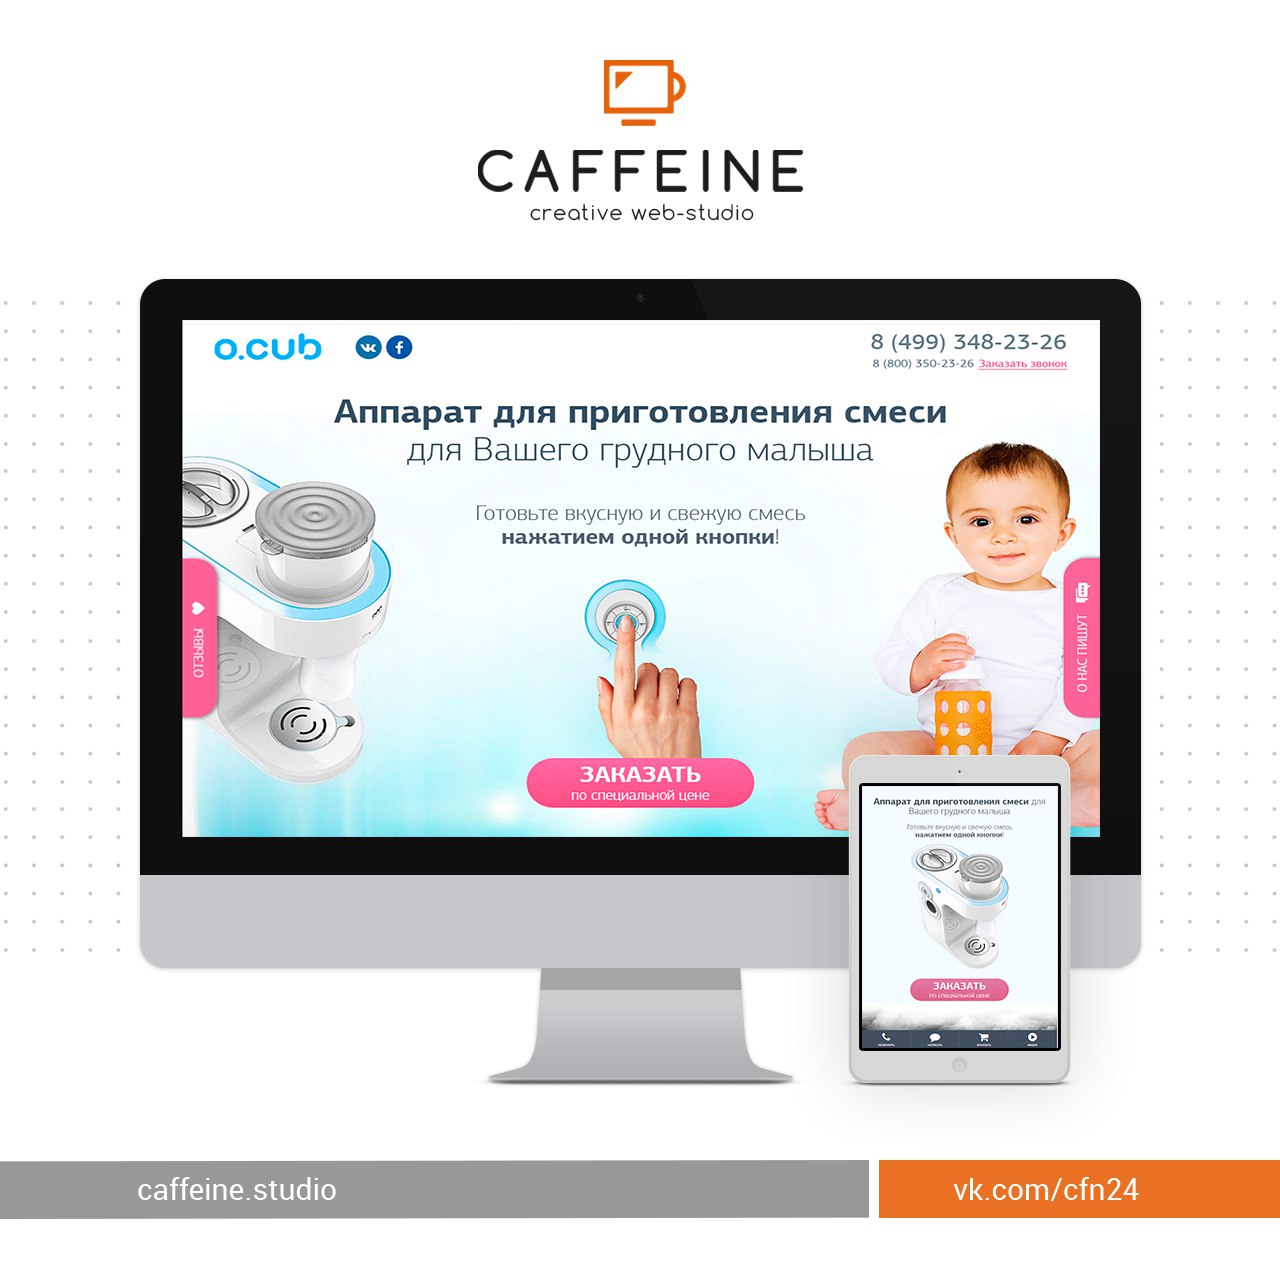 Создание продающего сайта для Дмитрия ocub.ru